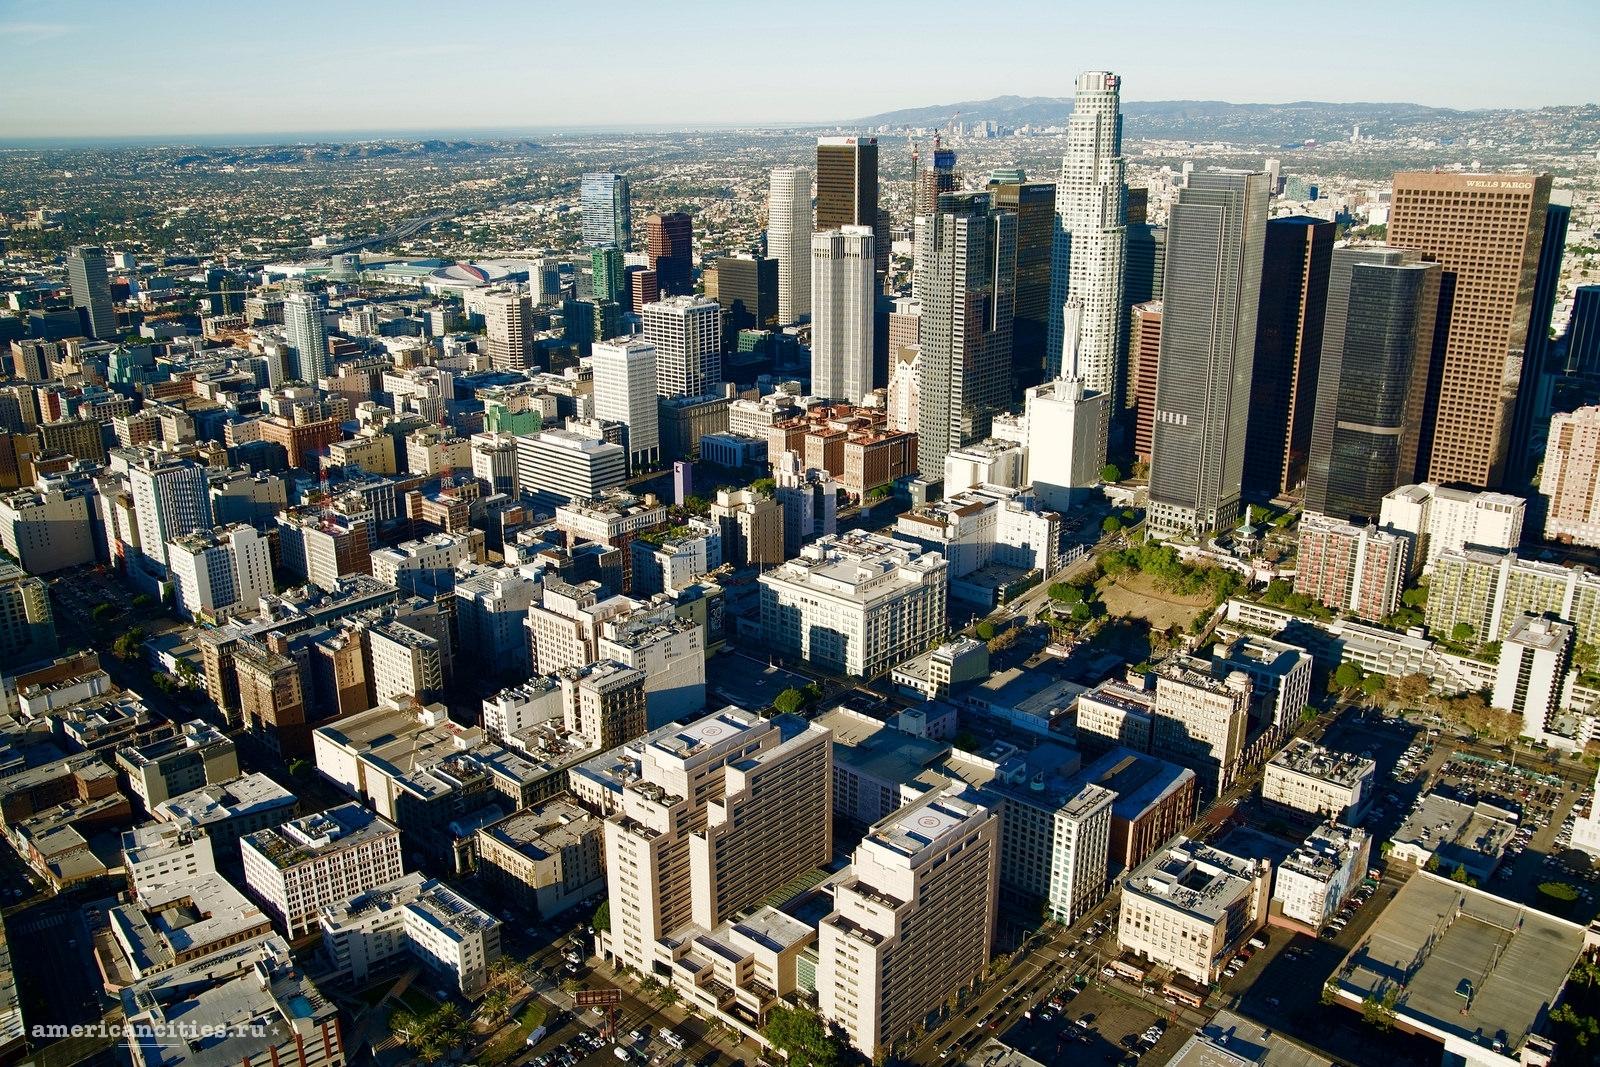 Чикаго США  подробная информация о городе с фото